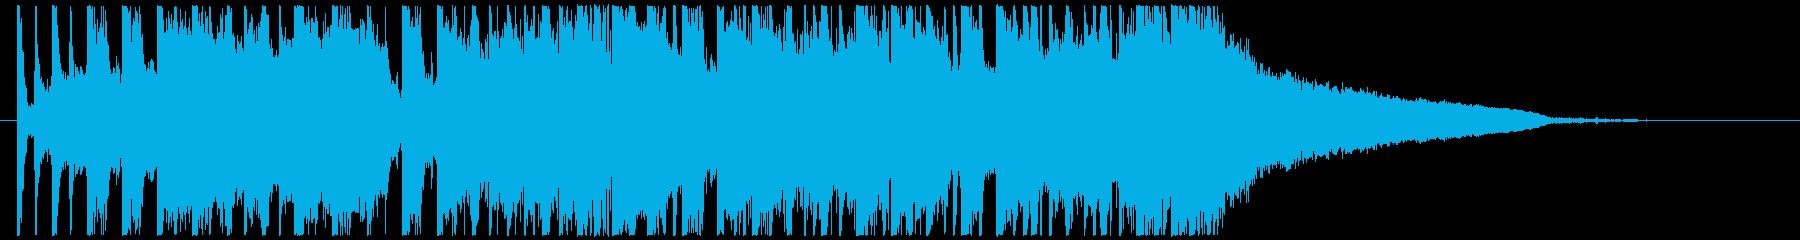 壮大なEDM ジングル TIKTOKの再生済みの波形